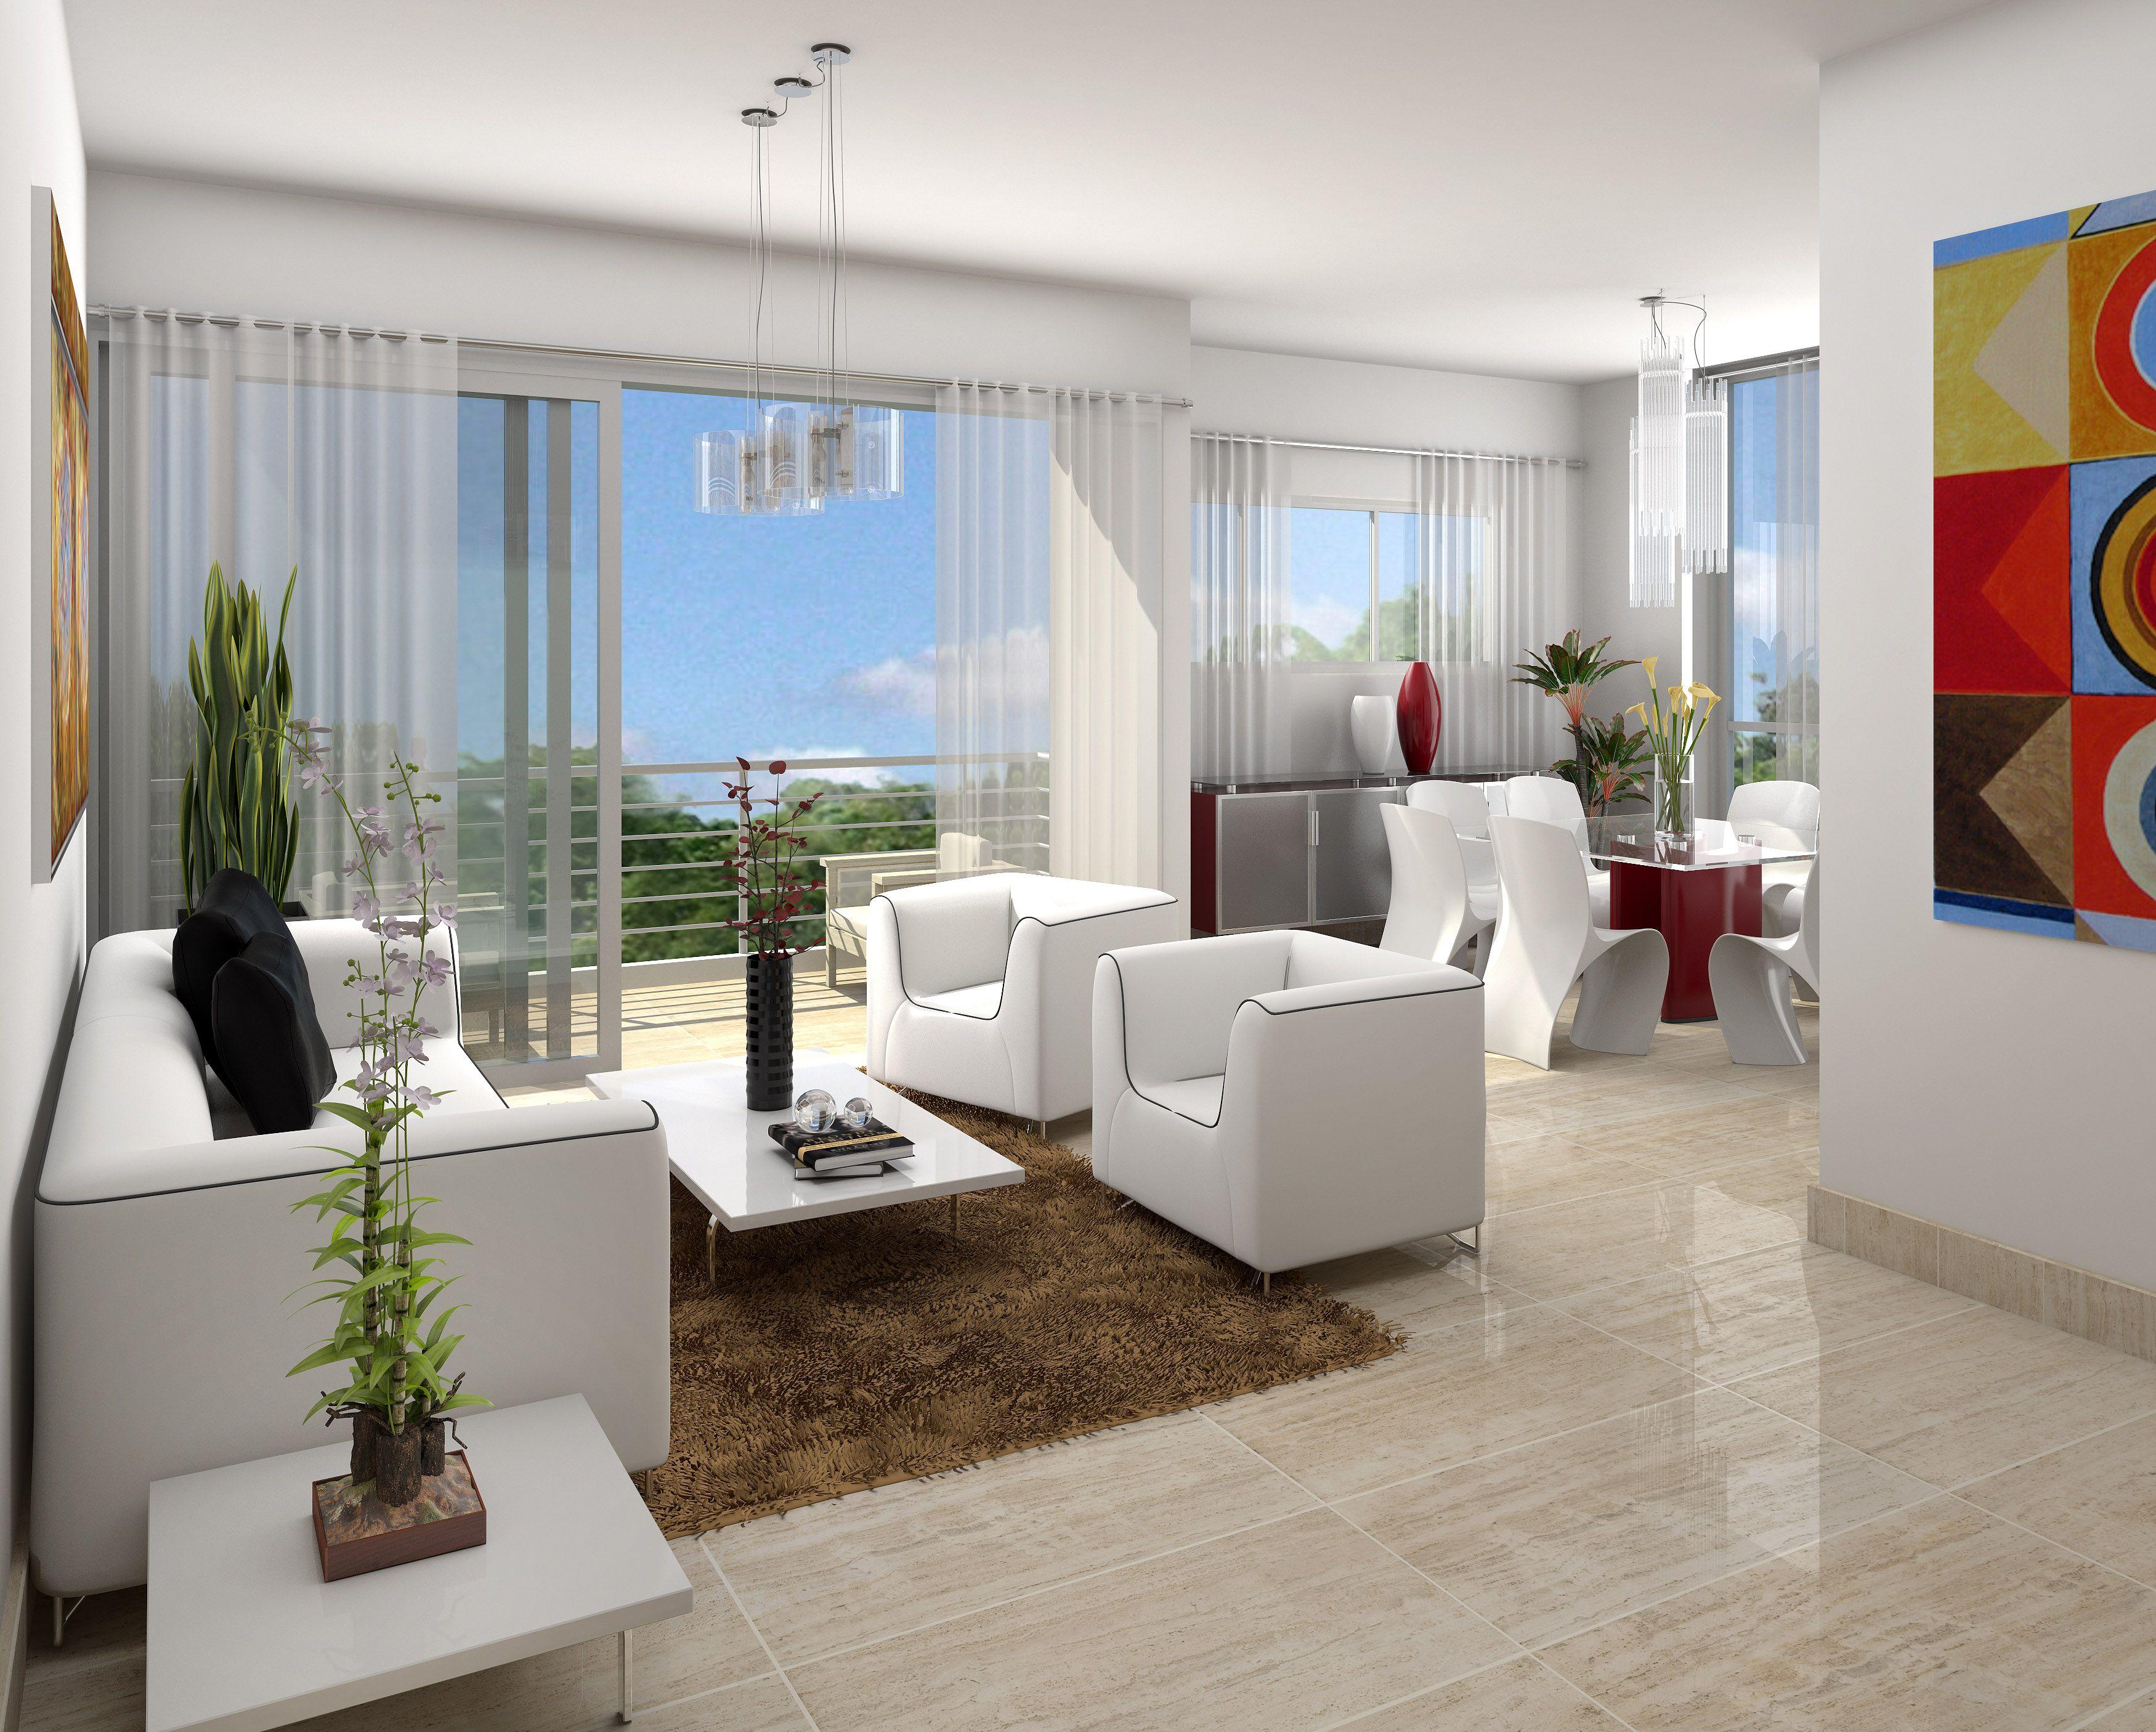 Sala comedor apartamento la diana 4 procasty sala for Diseno de interiores sala comedor